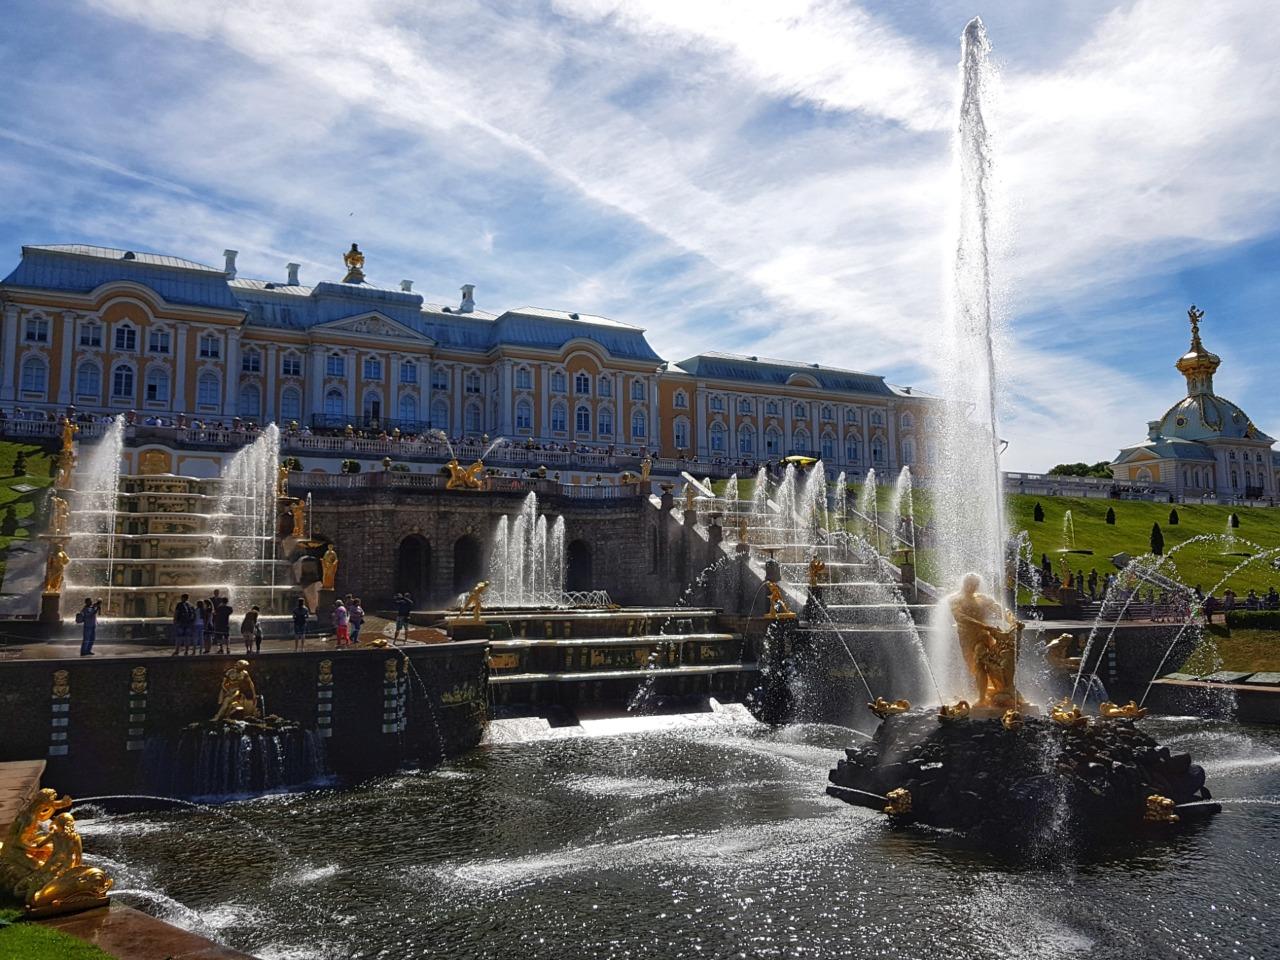 Петерогоф и Кронштадт за один день  - индивидуальная экскурсия по Санкт-Петербургу от опытного гида